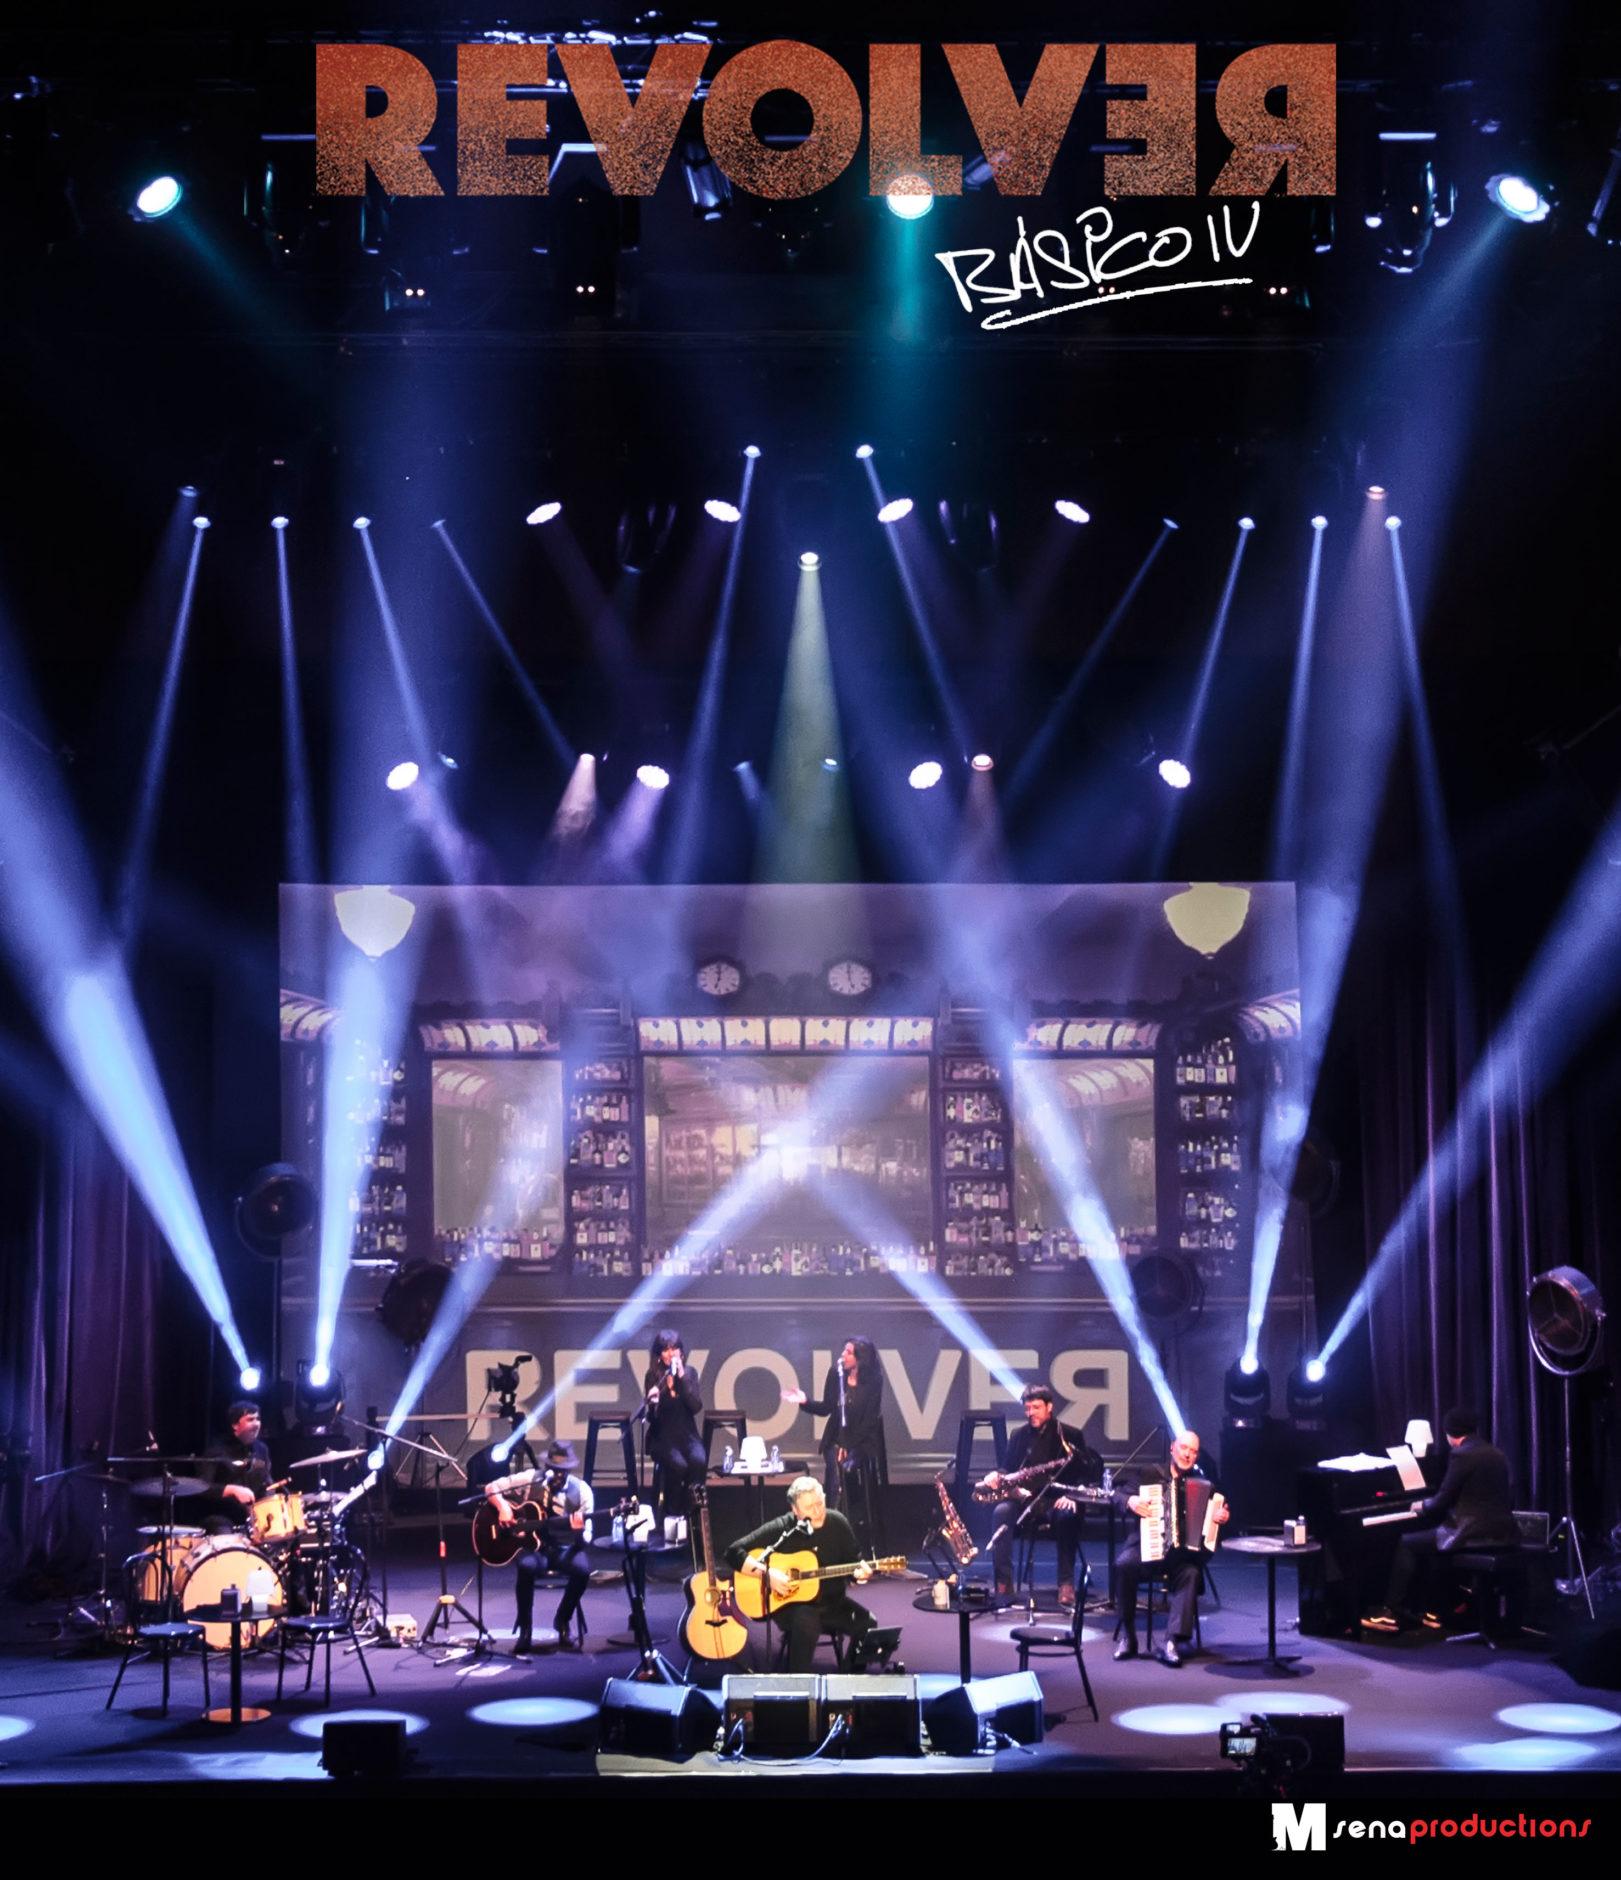 Revólver – Básico IV Tour 1